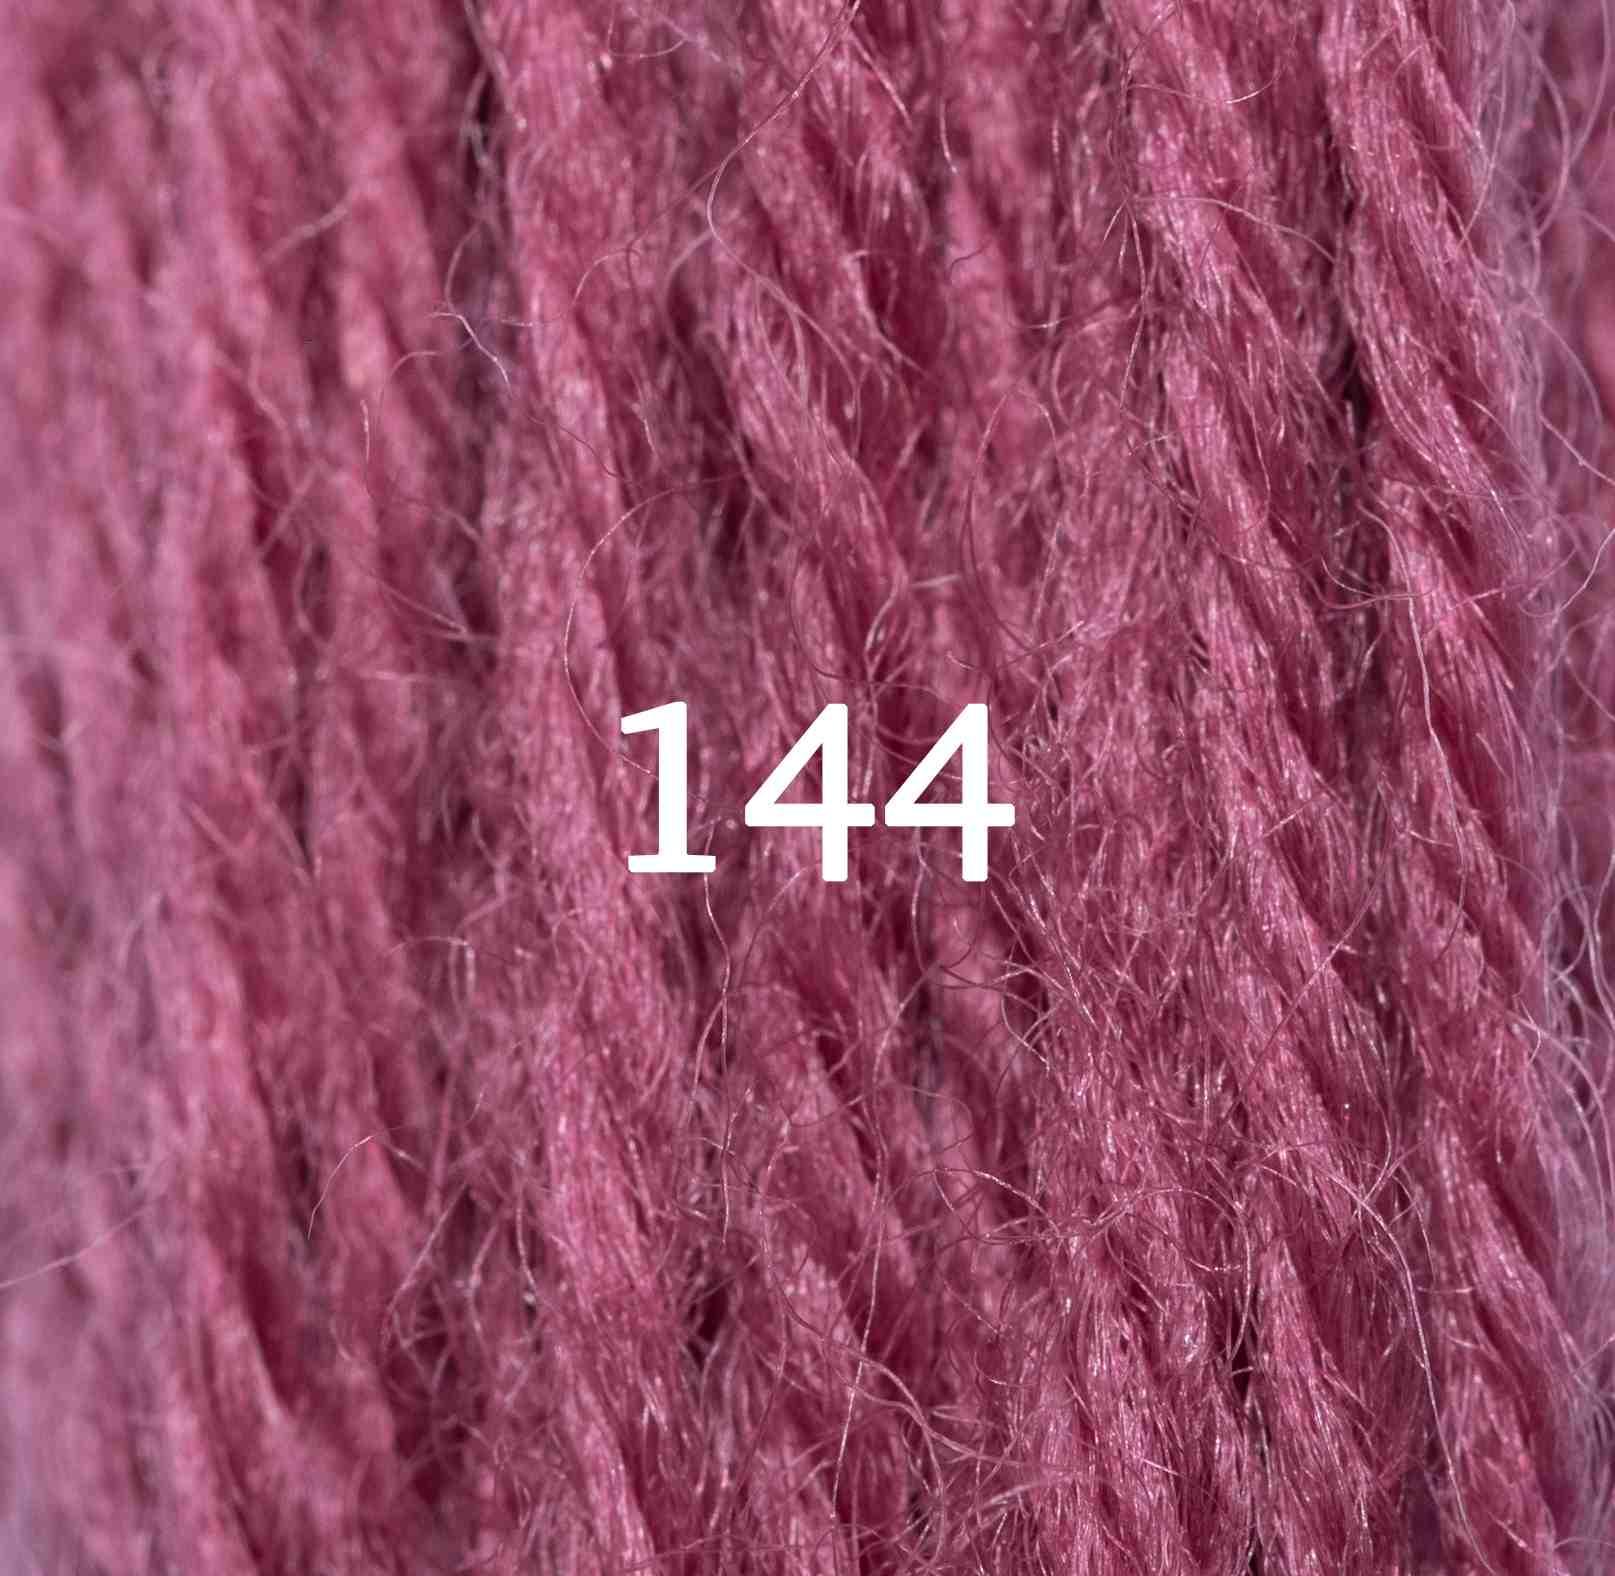 Dull-Rose-Pink-144